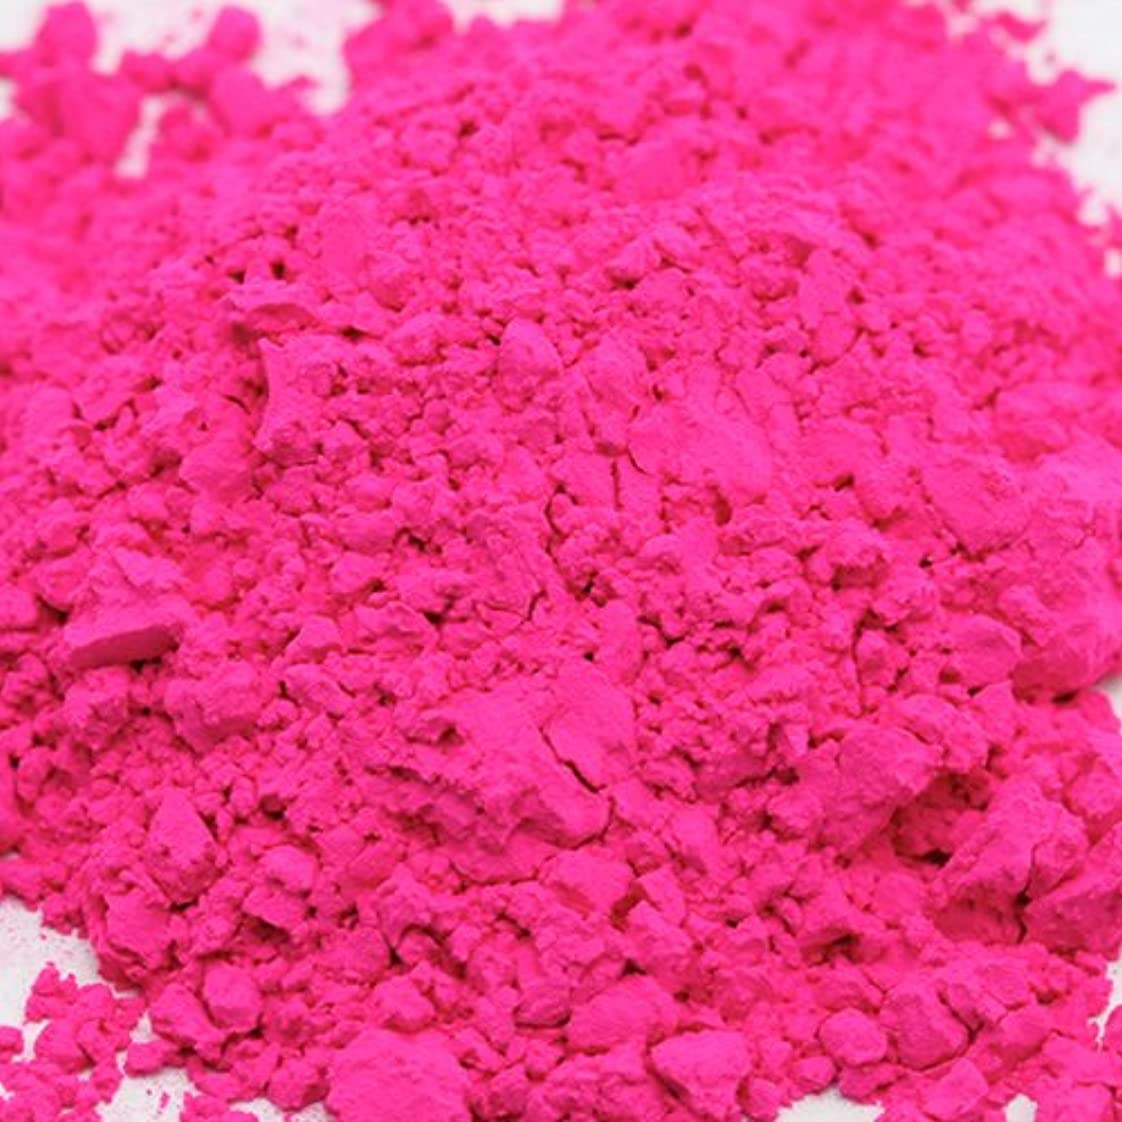 以下リットル財布キャンディカラー ピンク 5g 【手作り石鹸/手作りコスメ/色付け/カラーラント】